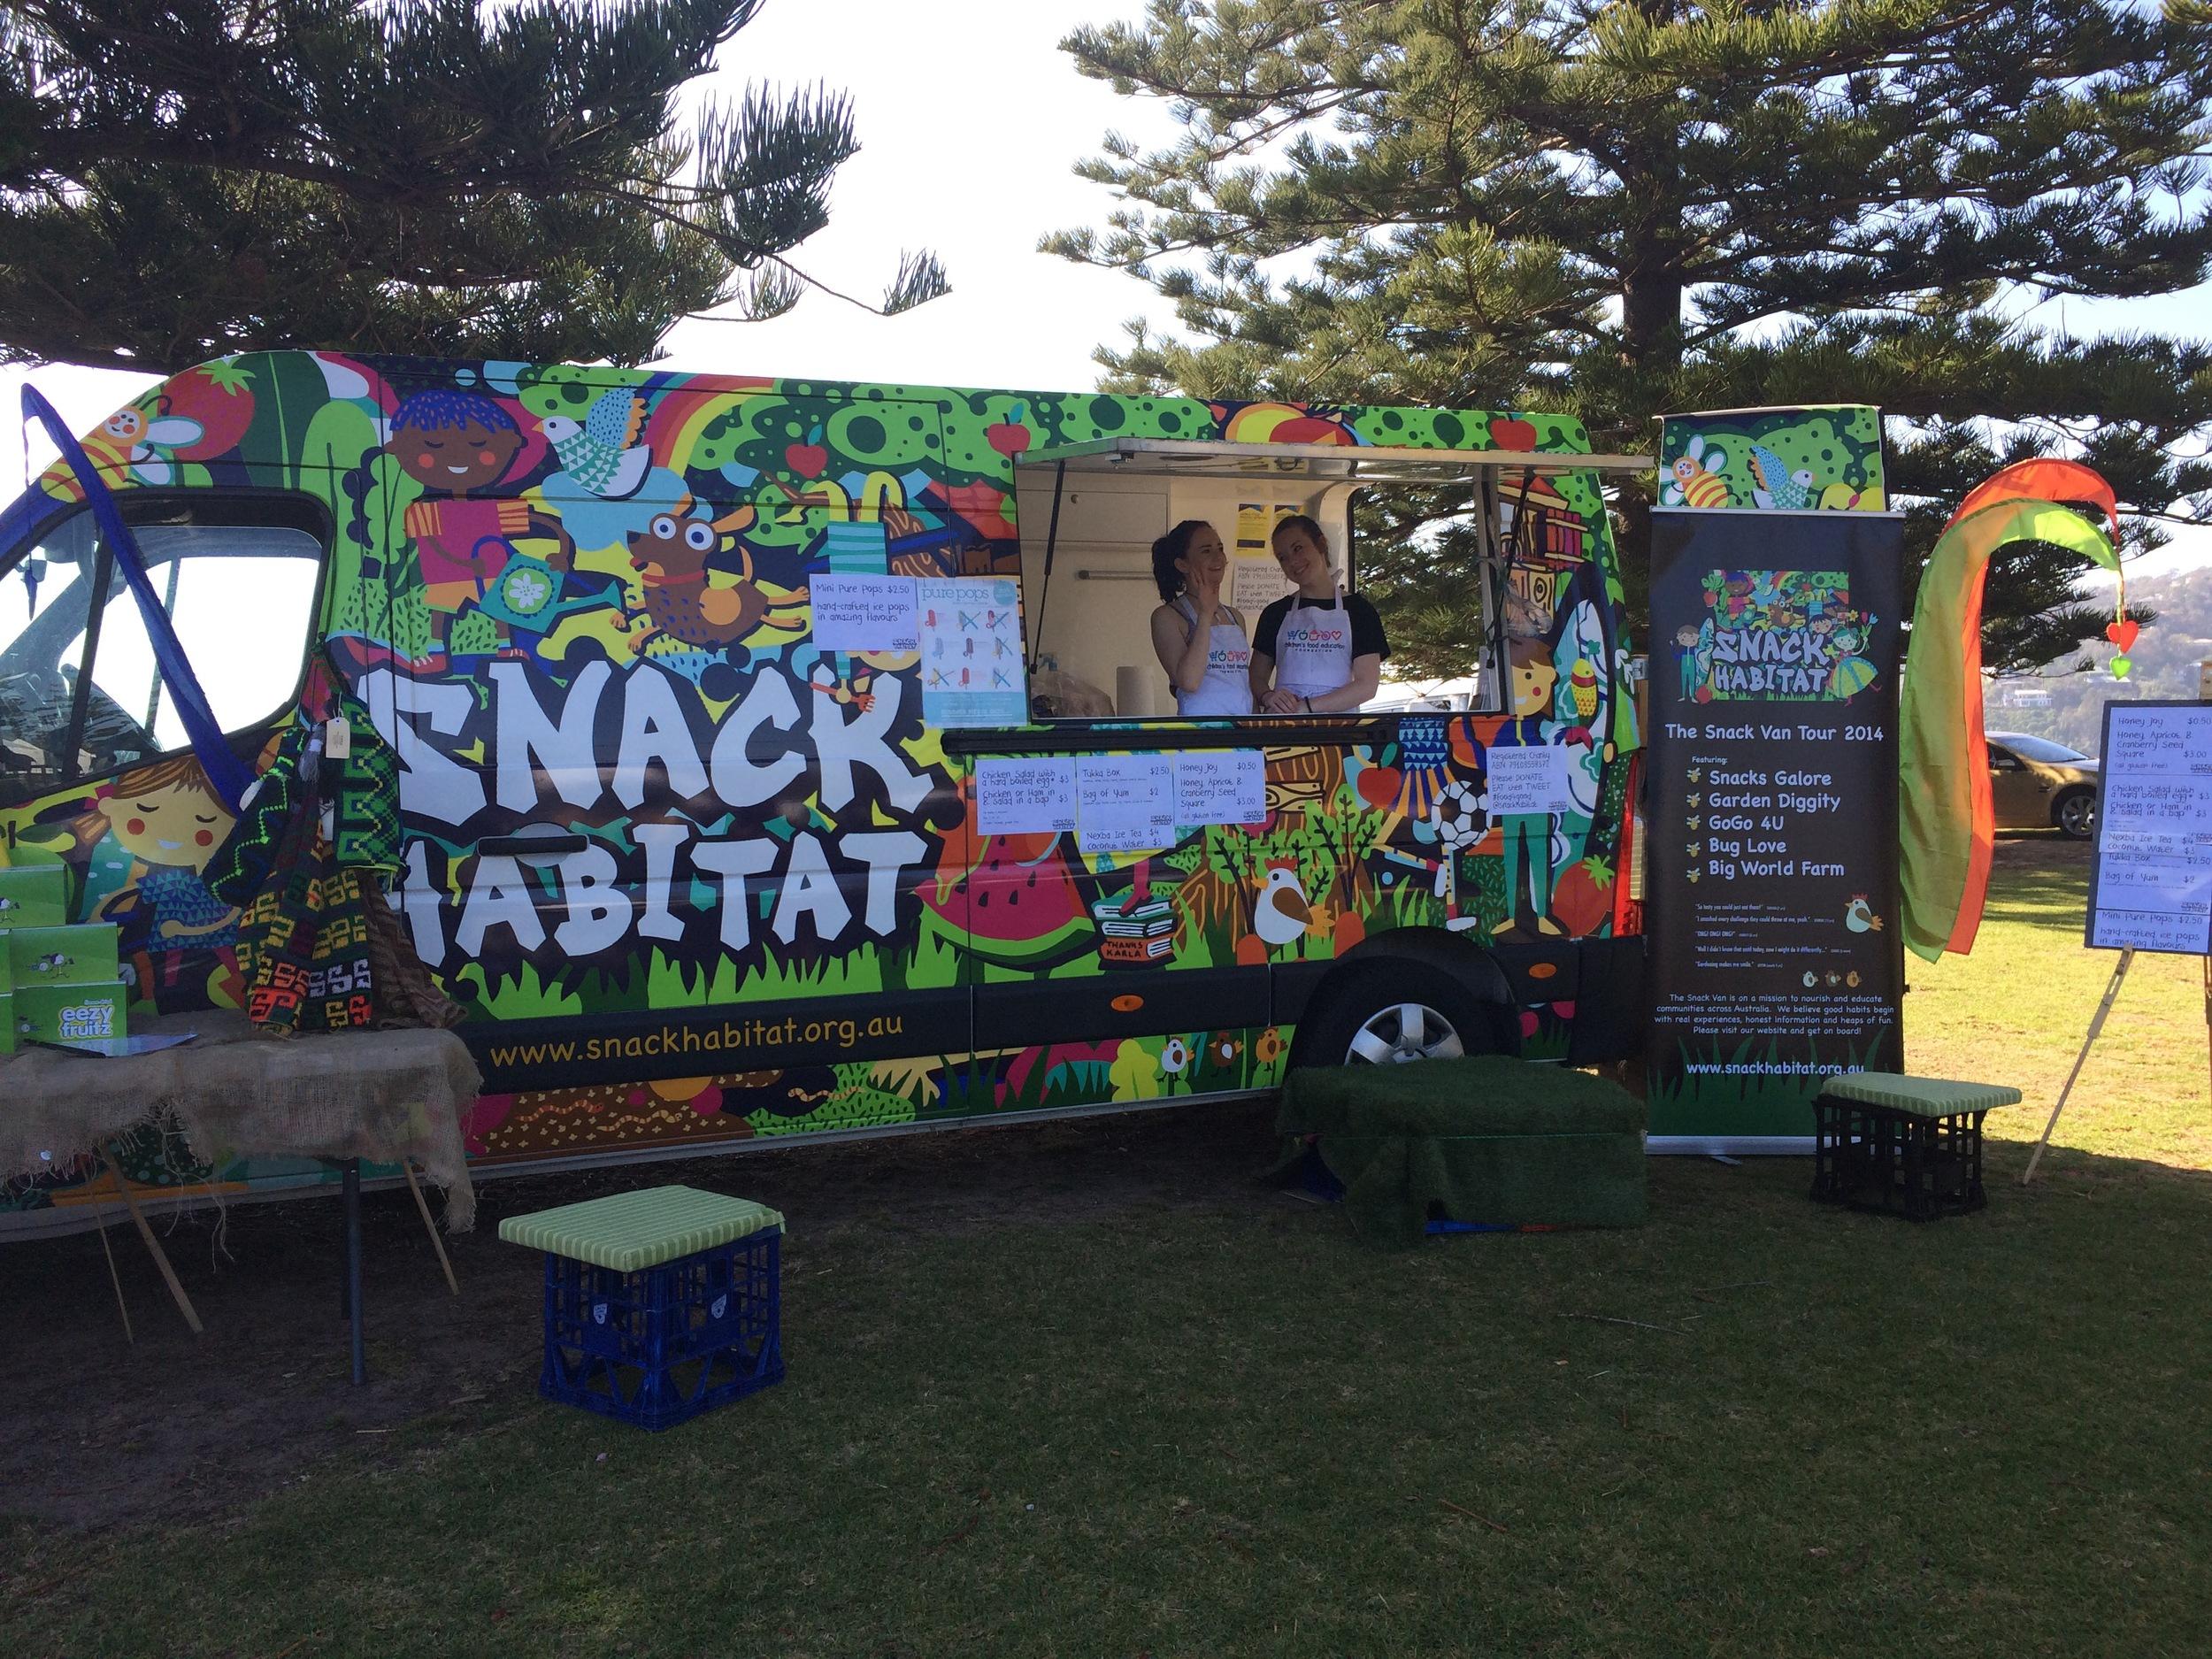 The Snack Van